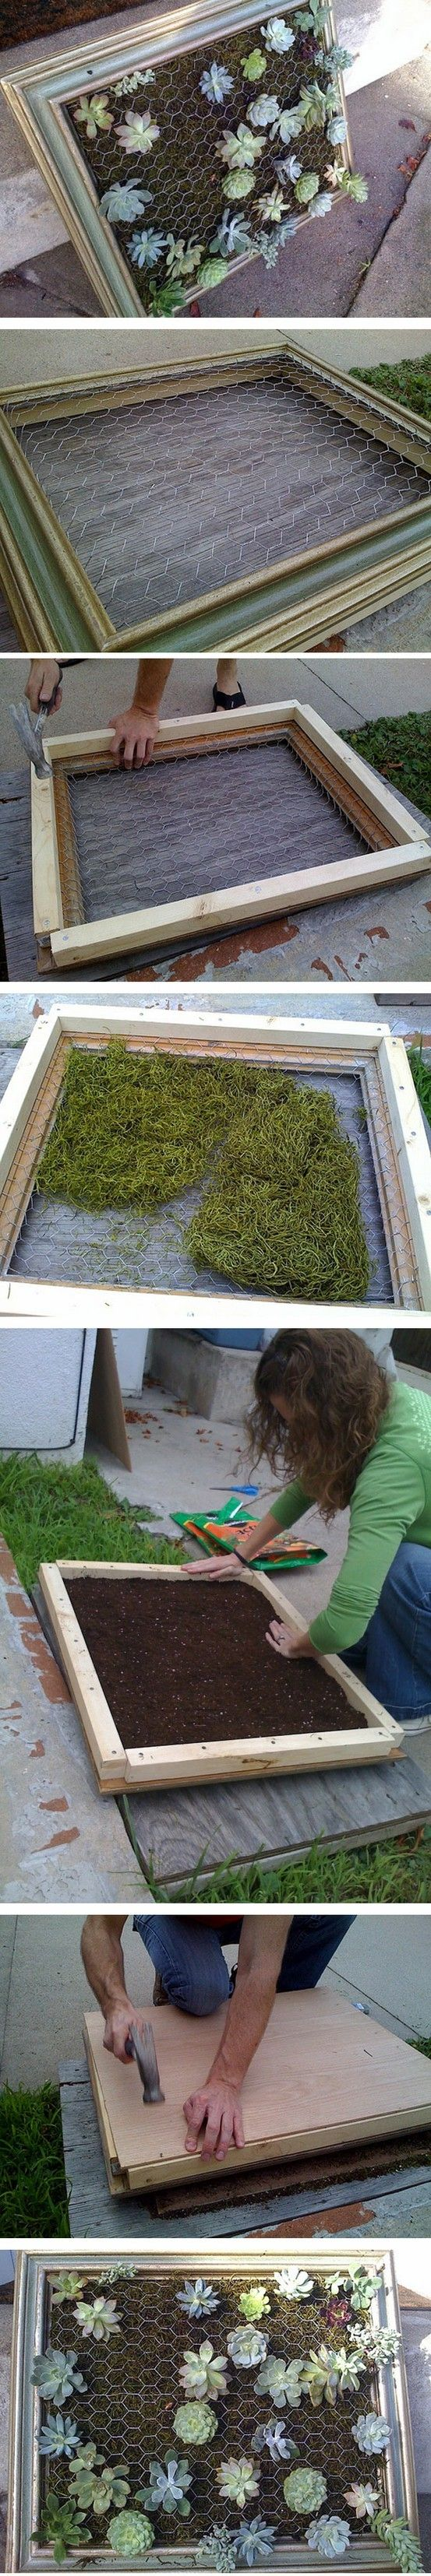 ¿No te gustaría que tu jardín quede como un cuadro? Ahora puedes hacerlo... ¡literalmente!